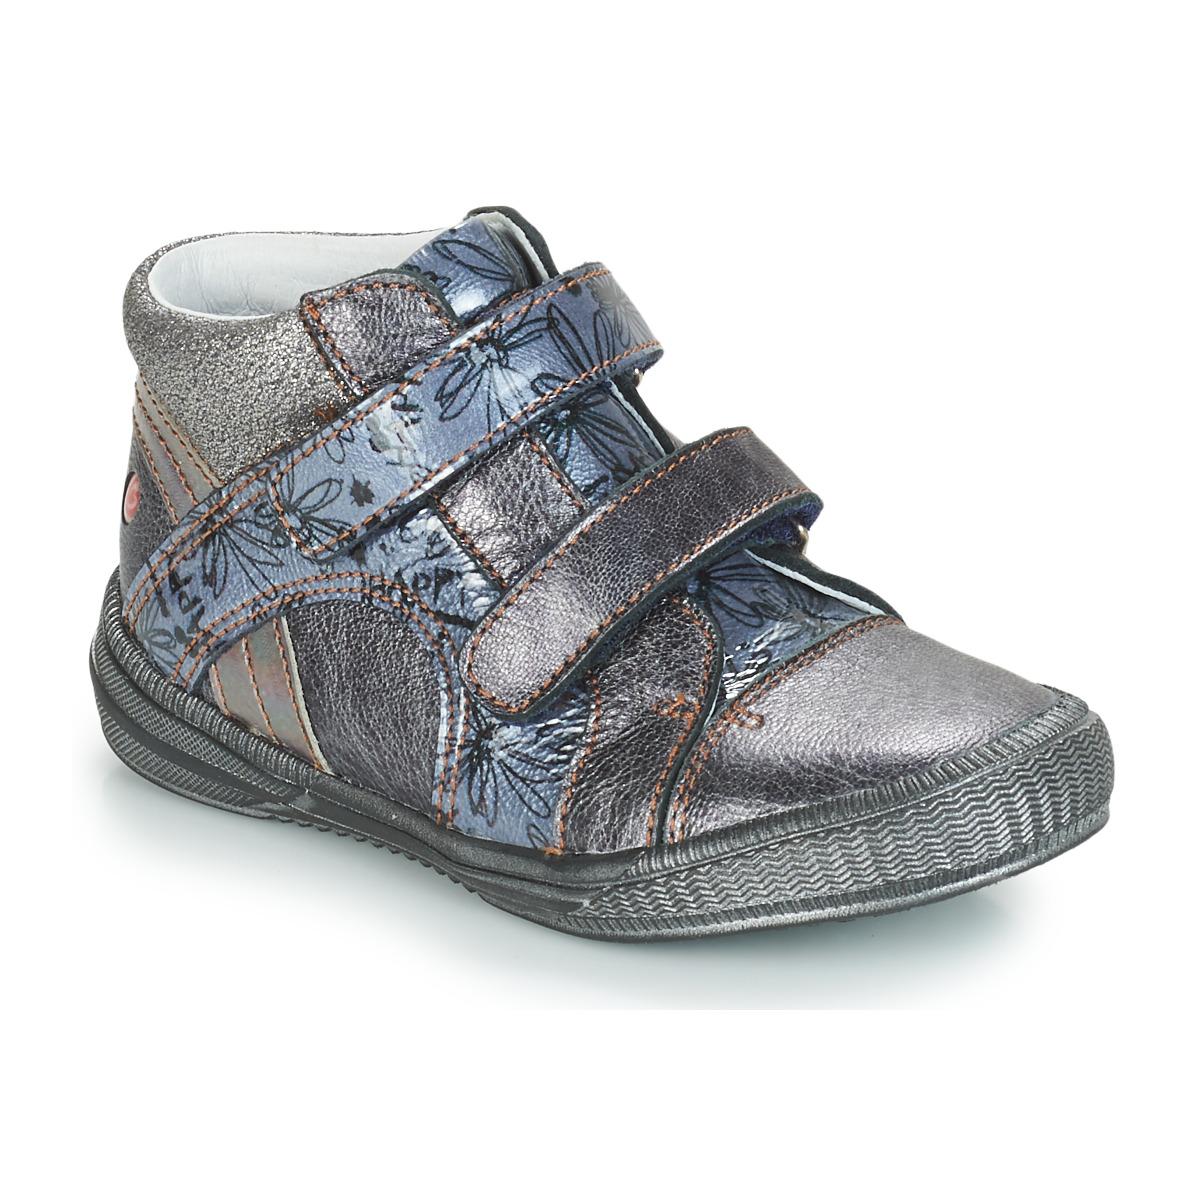 GBB ROXANE Vnv / Grau / Blau-bedruckt / Dpf / Sabina - Kostenloser Versand bei Spartoode ! - Schuhe Boots  51,00 €